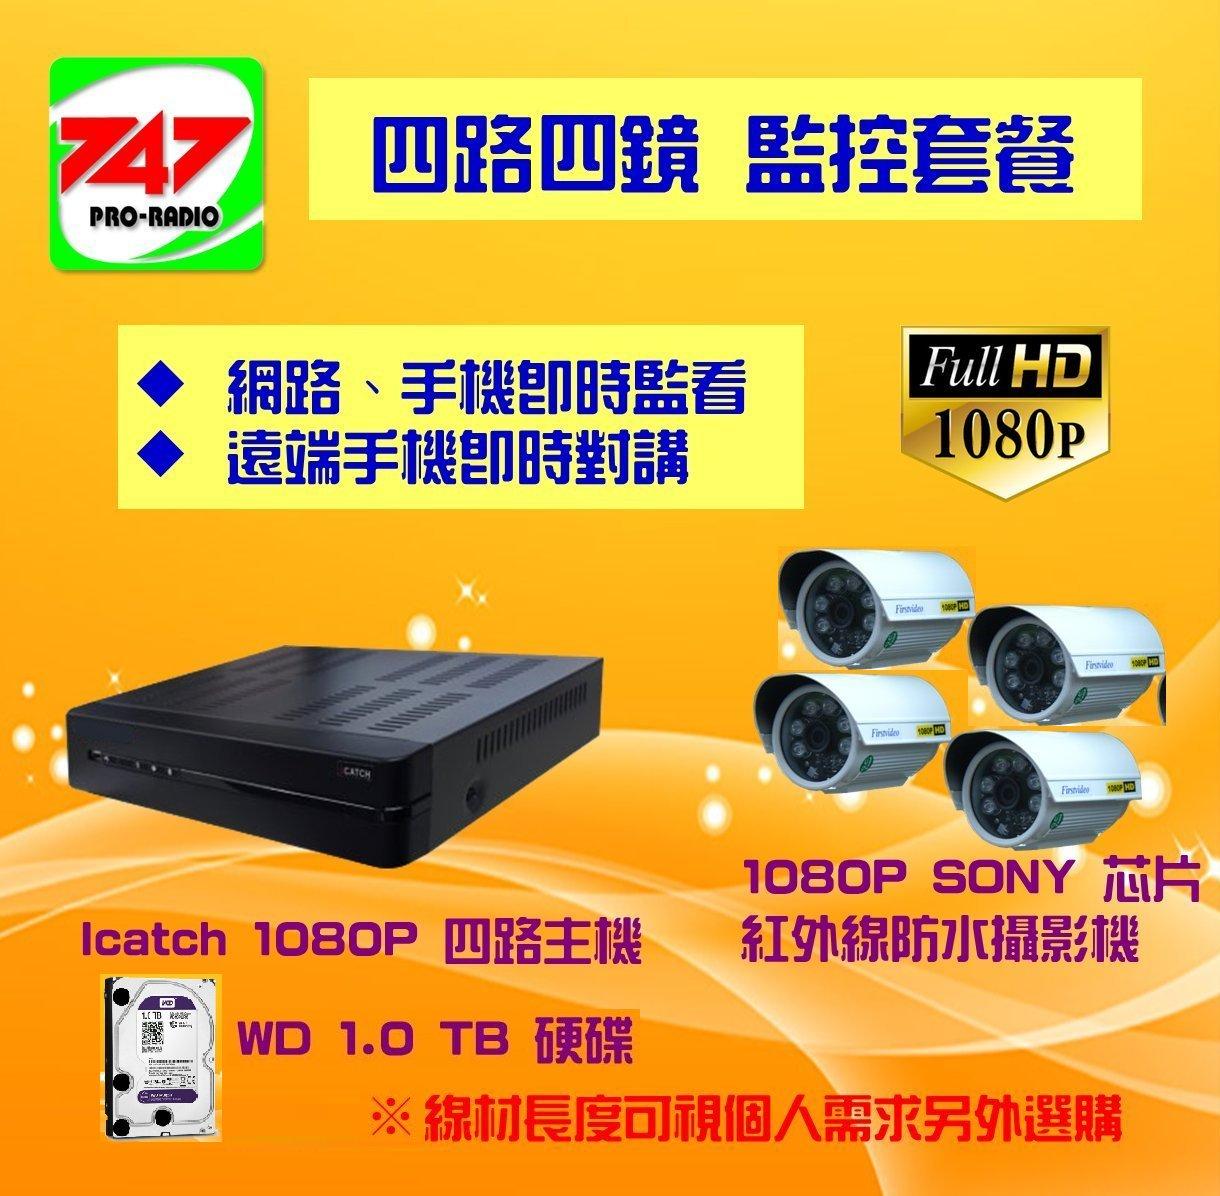 《747無線電》 icatch DVR AHD 監視器 1080p 4路主機 + 4支 攝影機 +1顆1TB硬碟套餐